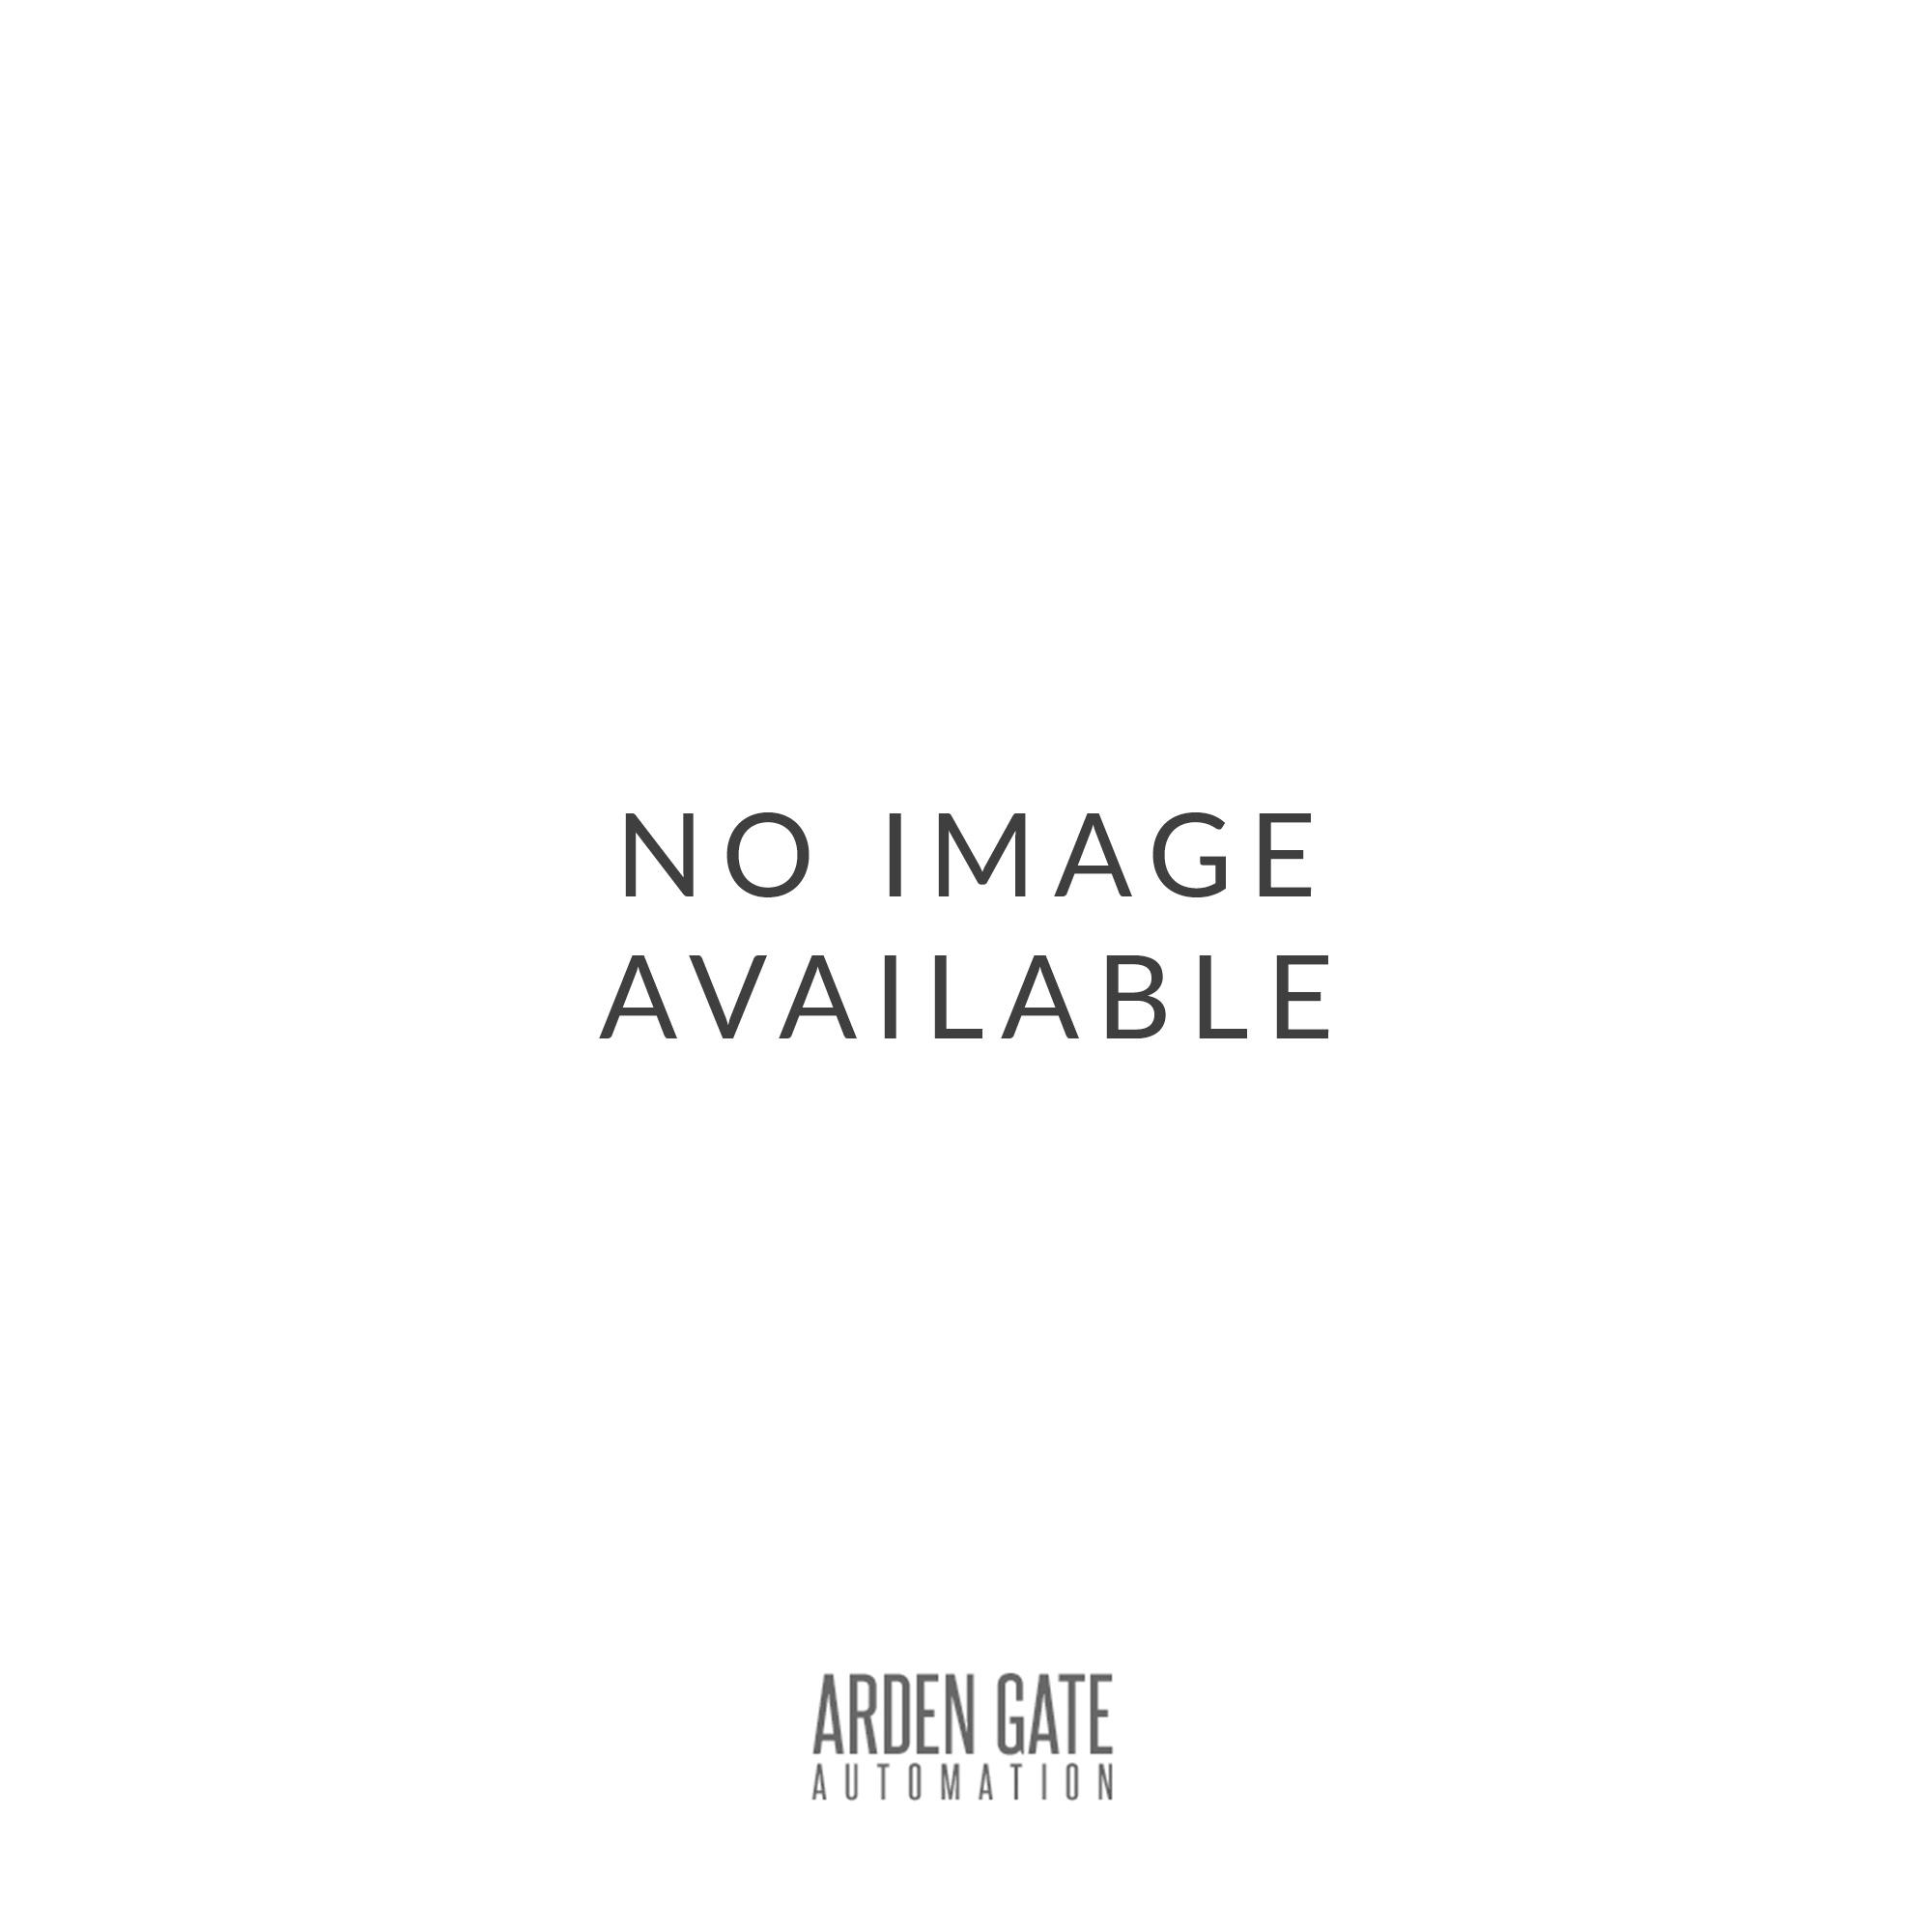 CDVI Solar Combined Proximity Reader and Keypad - White